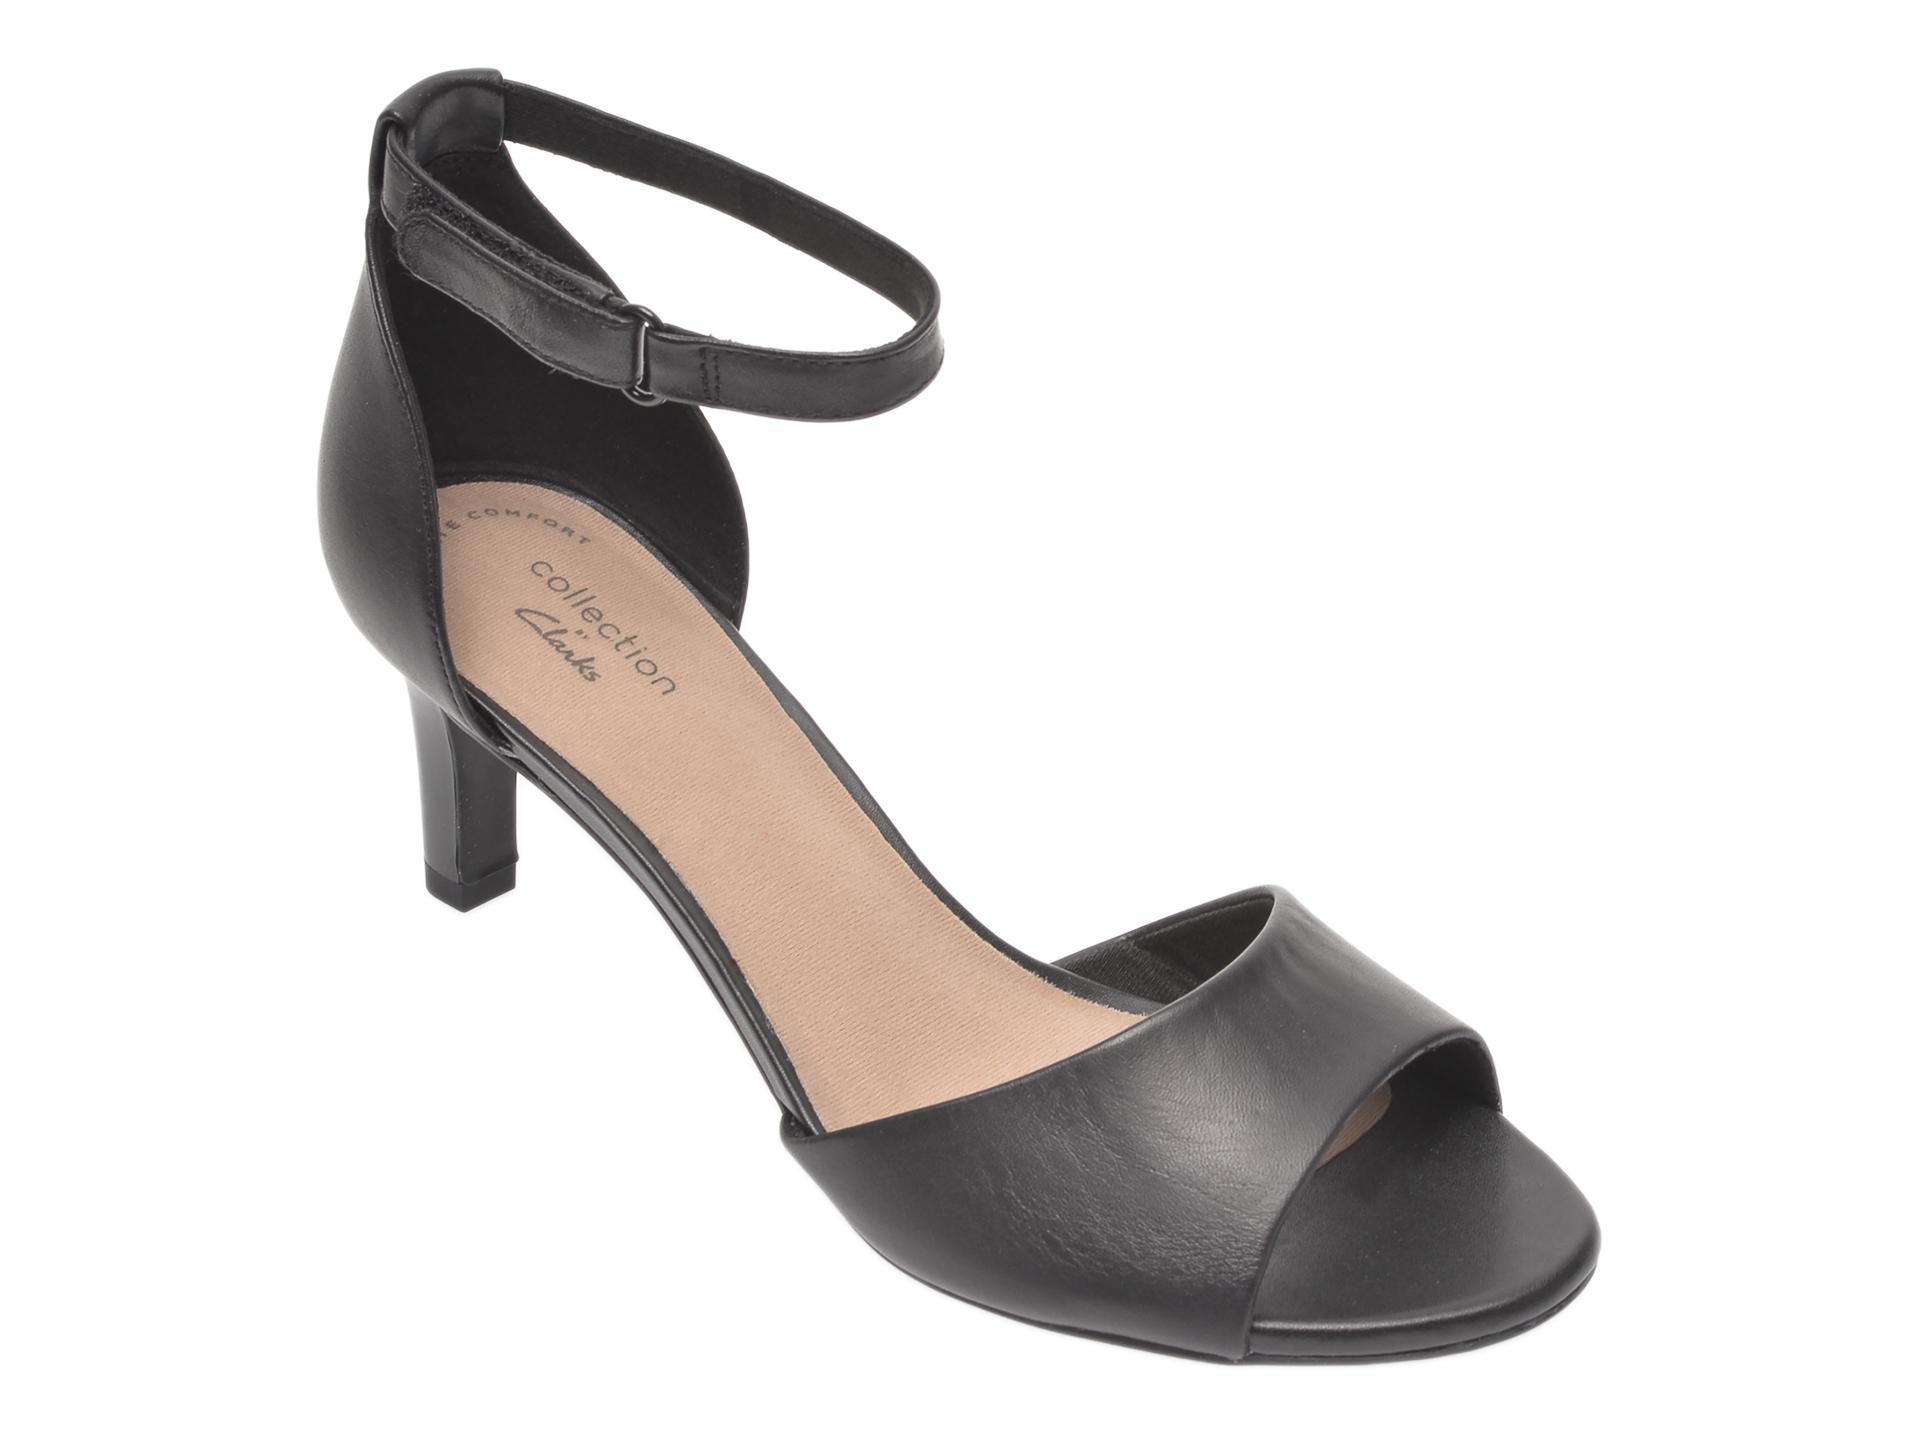 Sandale CLARKS negre, Alice Greta, din piele naturala